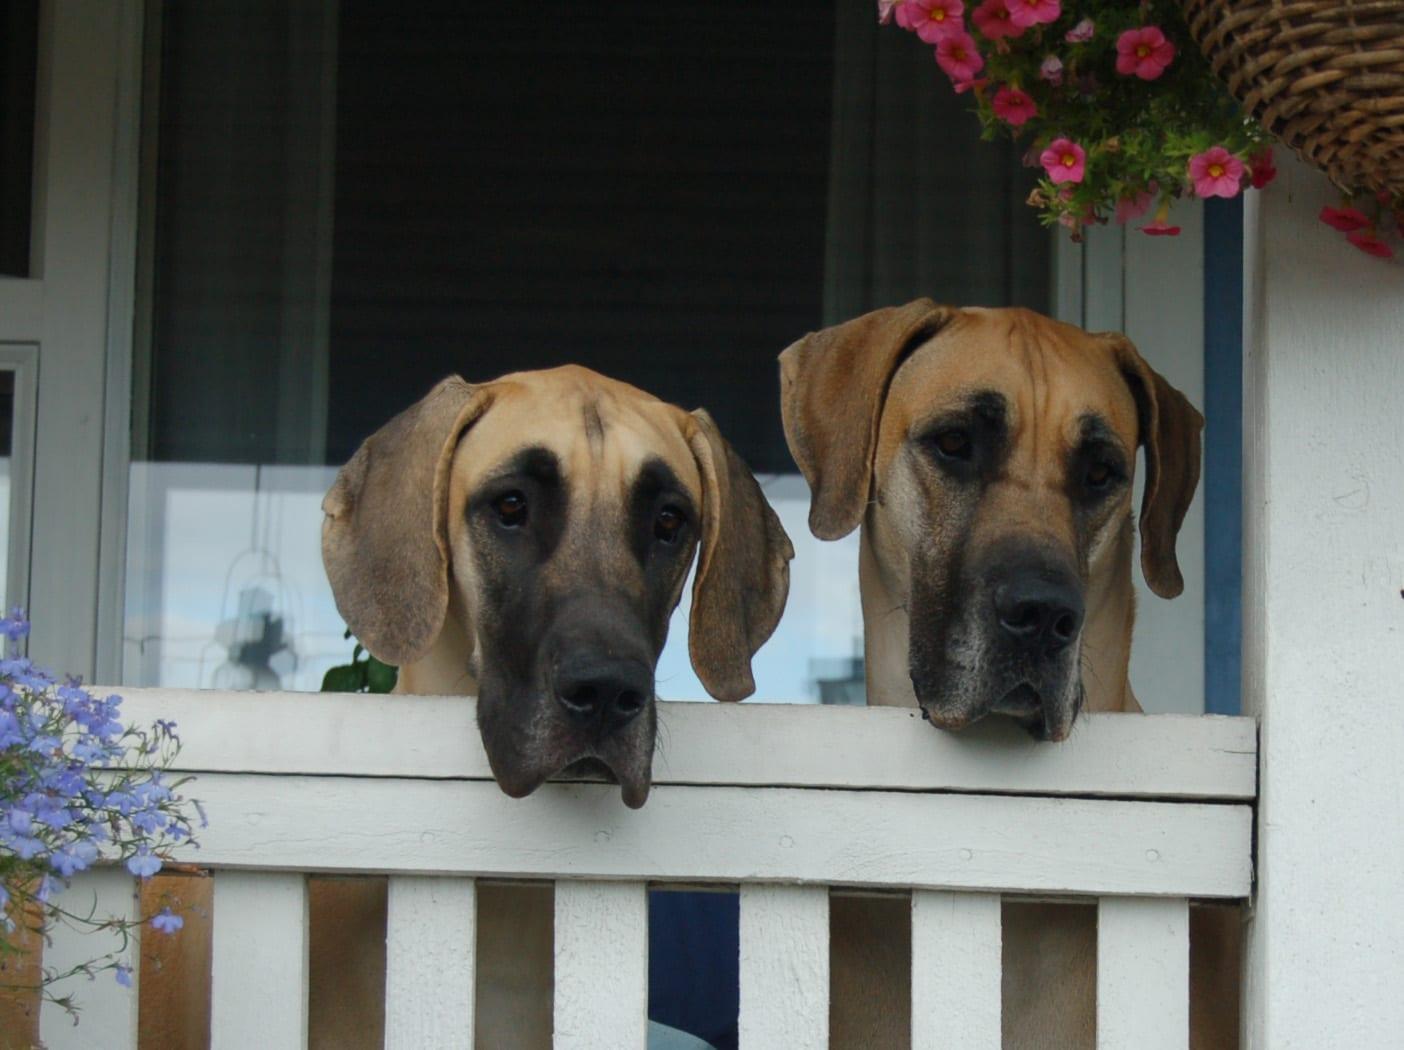 Ympäristöasiantuntijan vinkit vihreämpään koiraharrastukseen – Haastattelussa Hanna Lilja